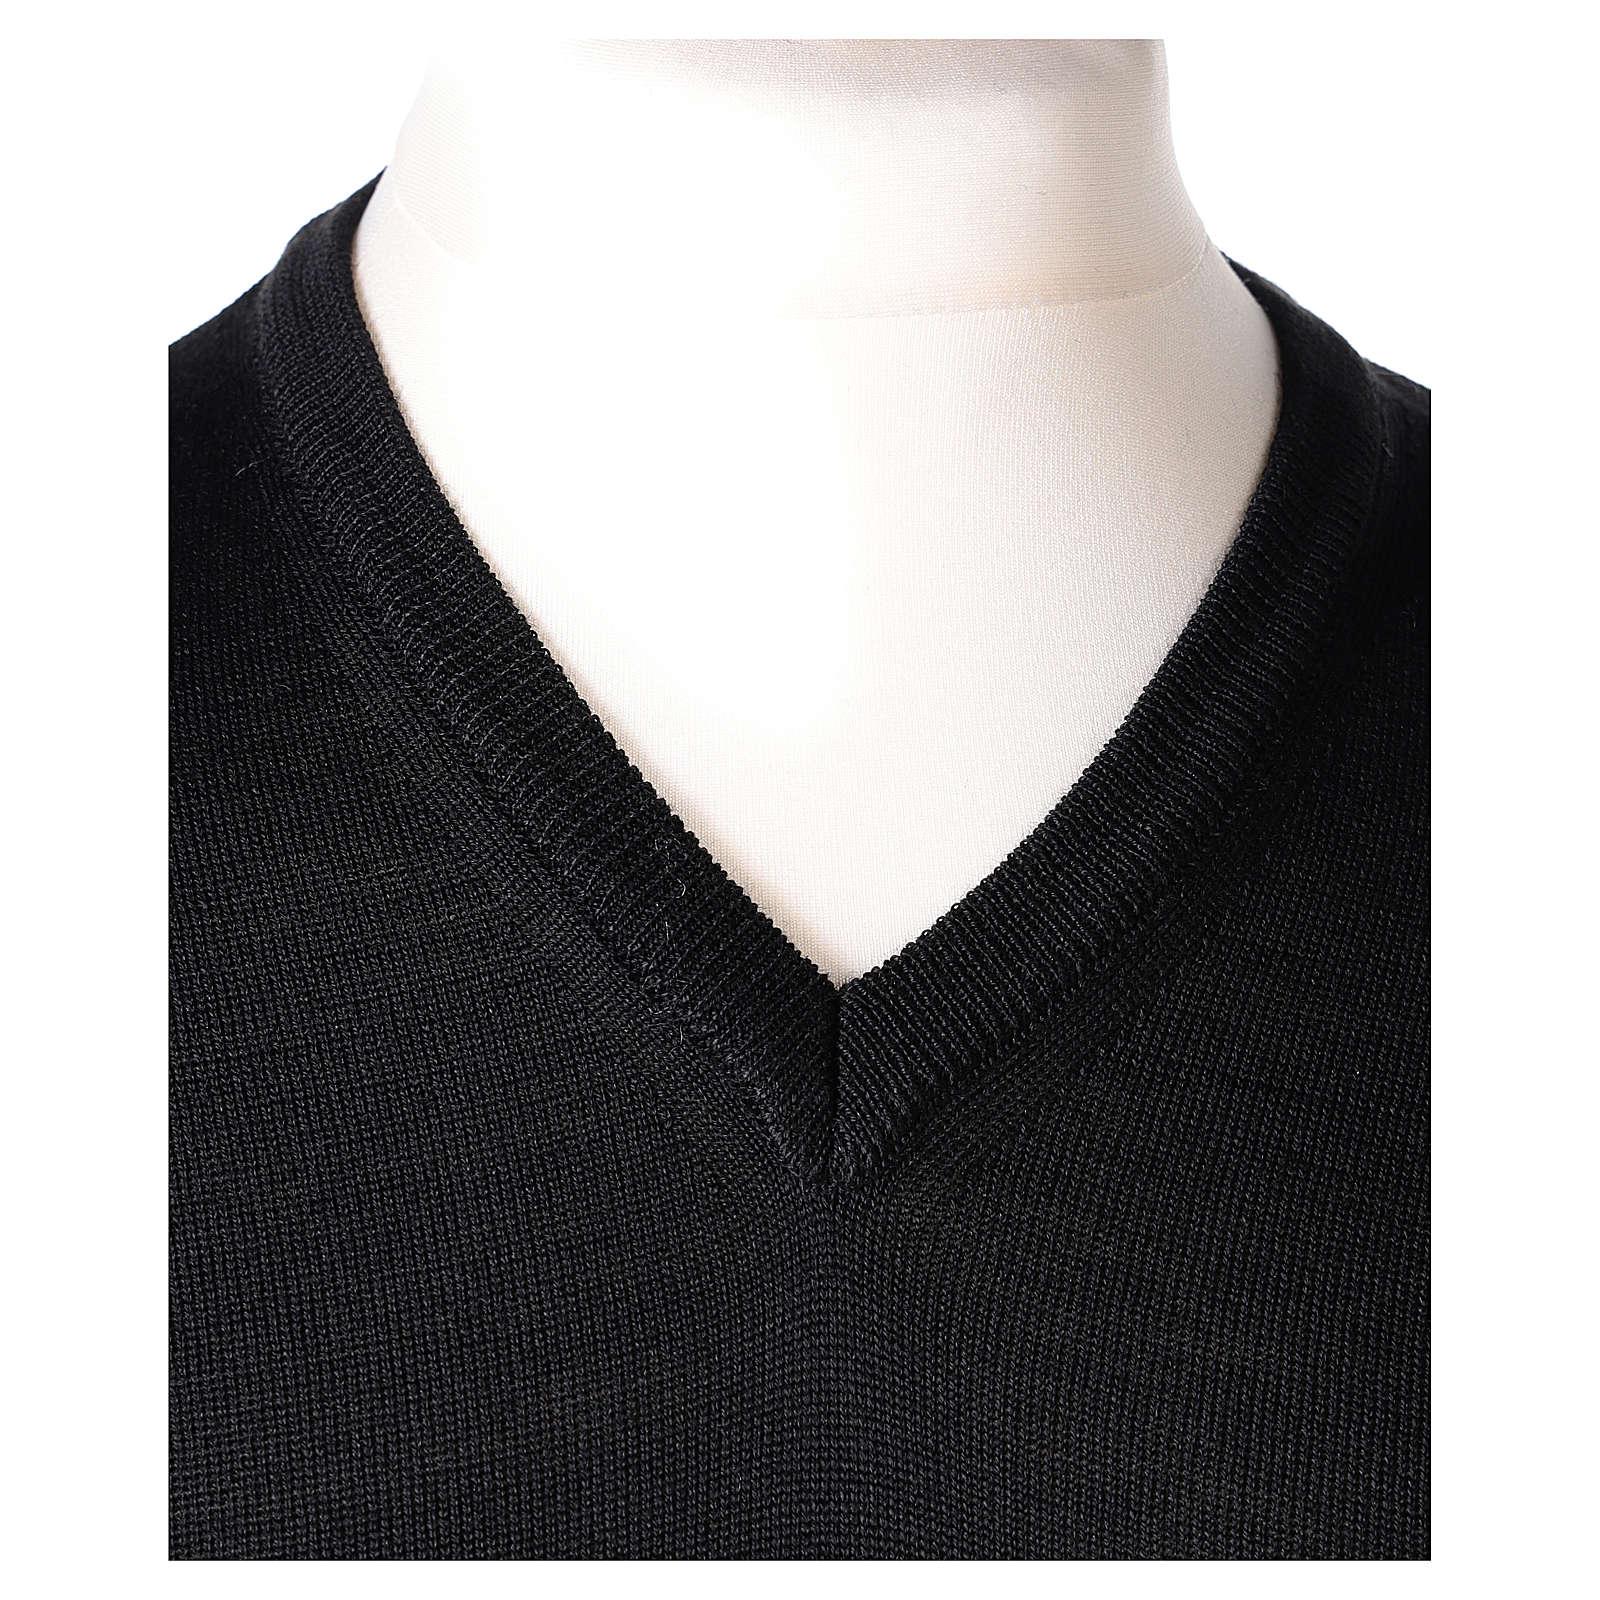 Pullover sacerdote collo a V nero maglia rasata In Primis 4